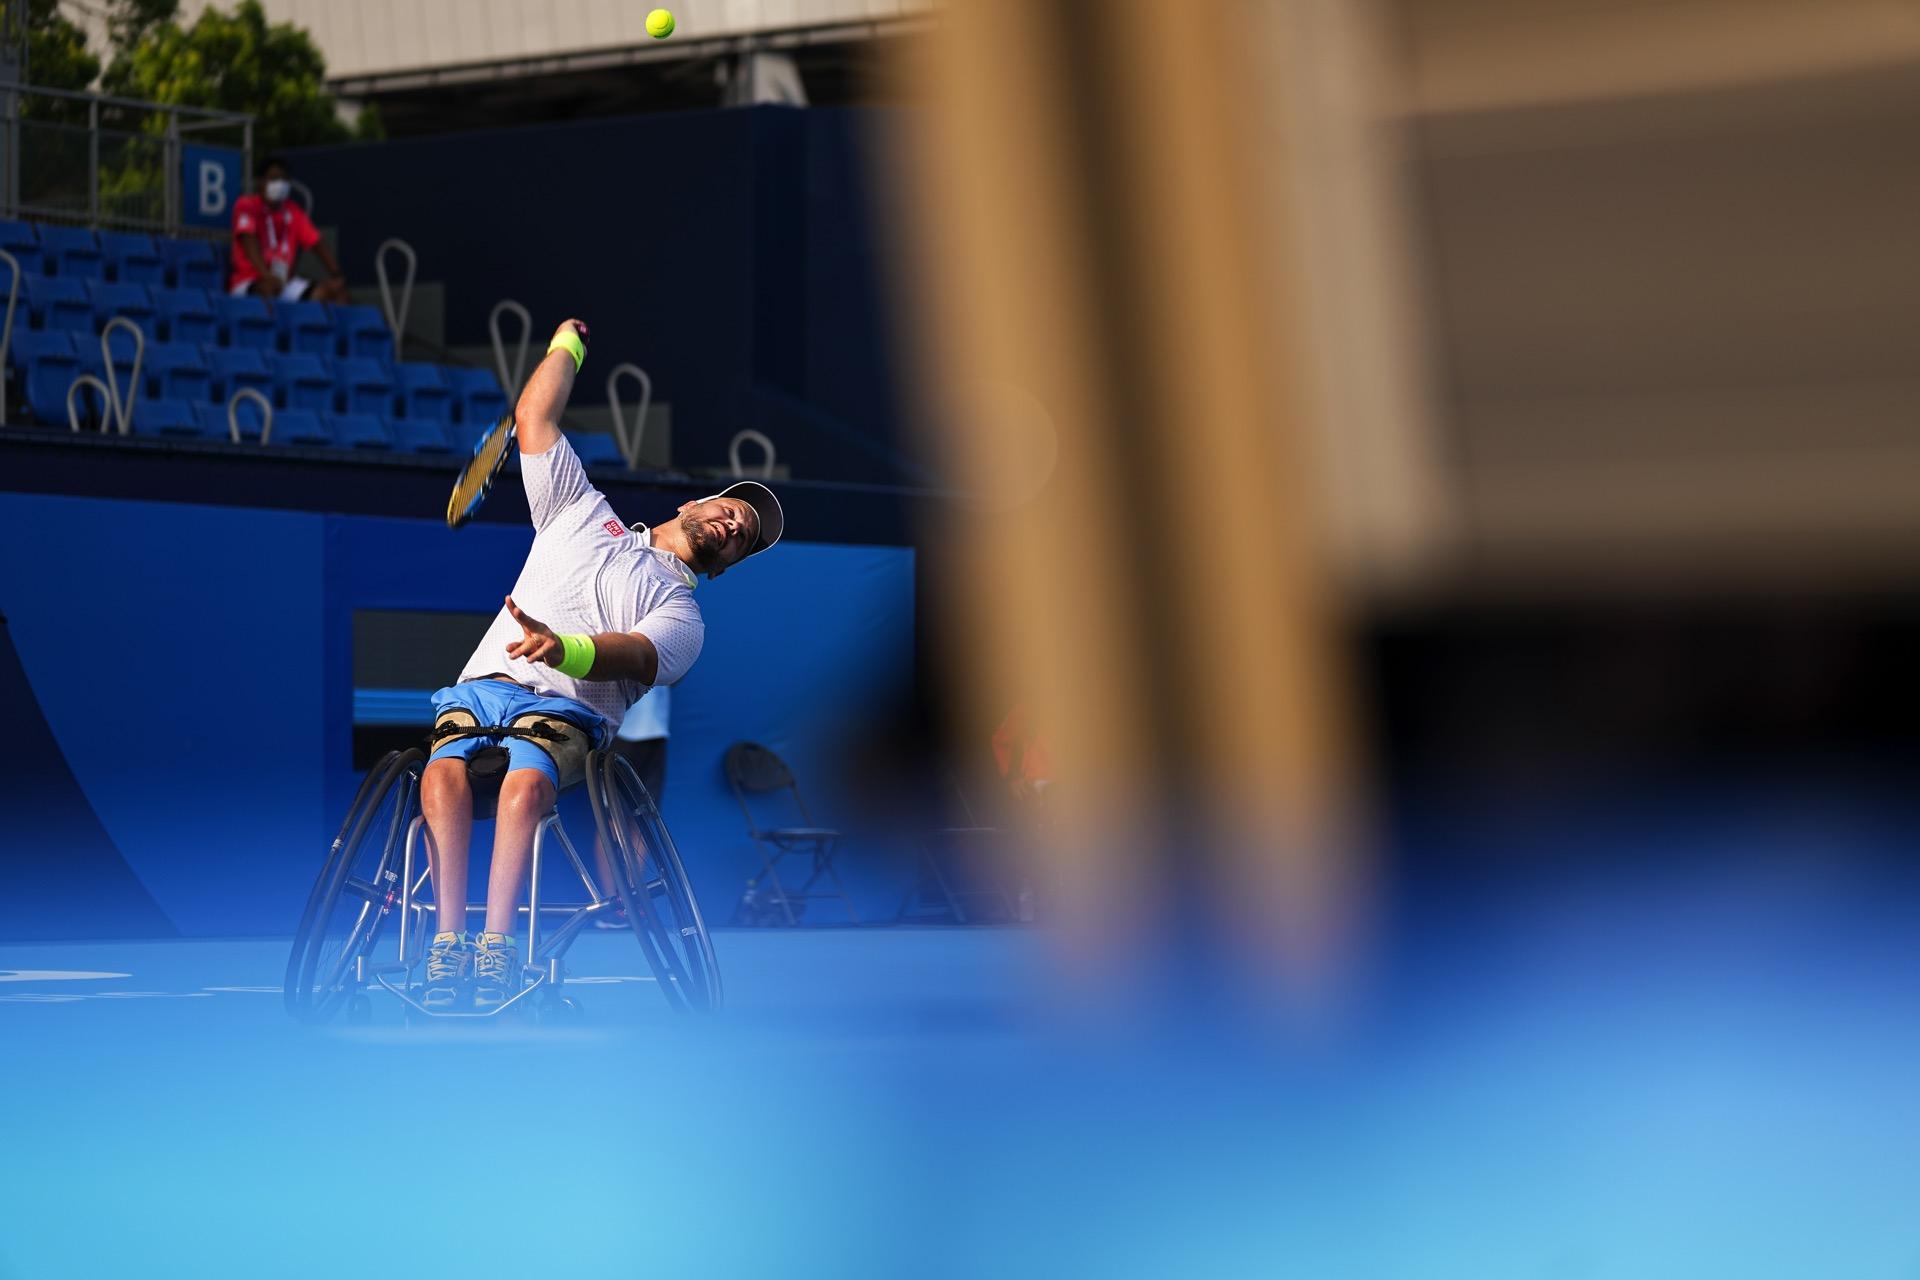 Rullstolstennisspelaren Stefan Olsson skickar iväg en serv på Paralympics i Tokyo 2021.